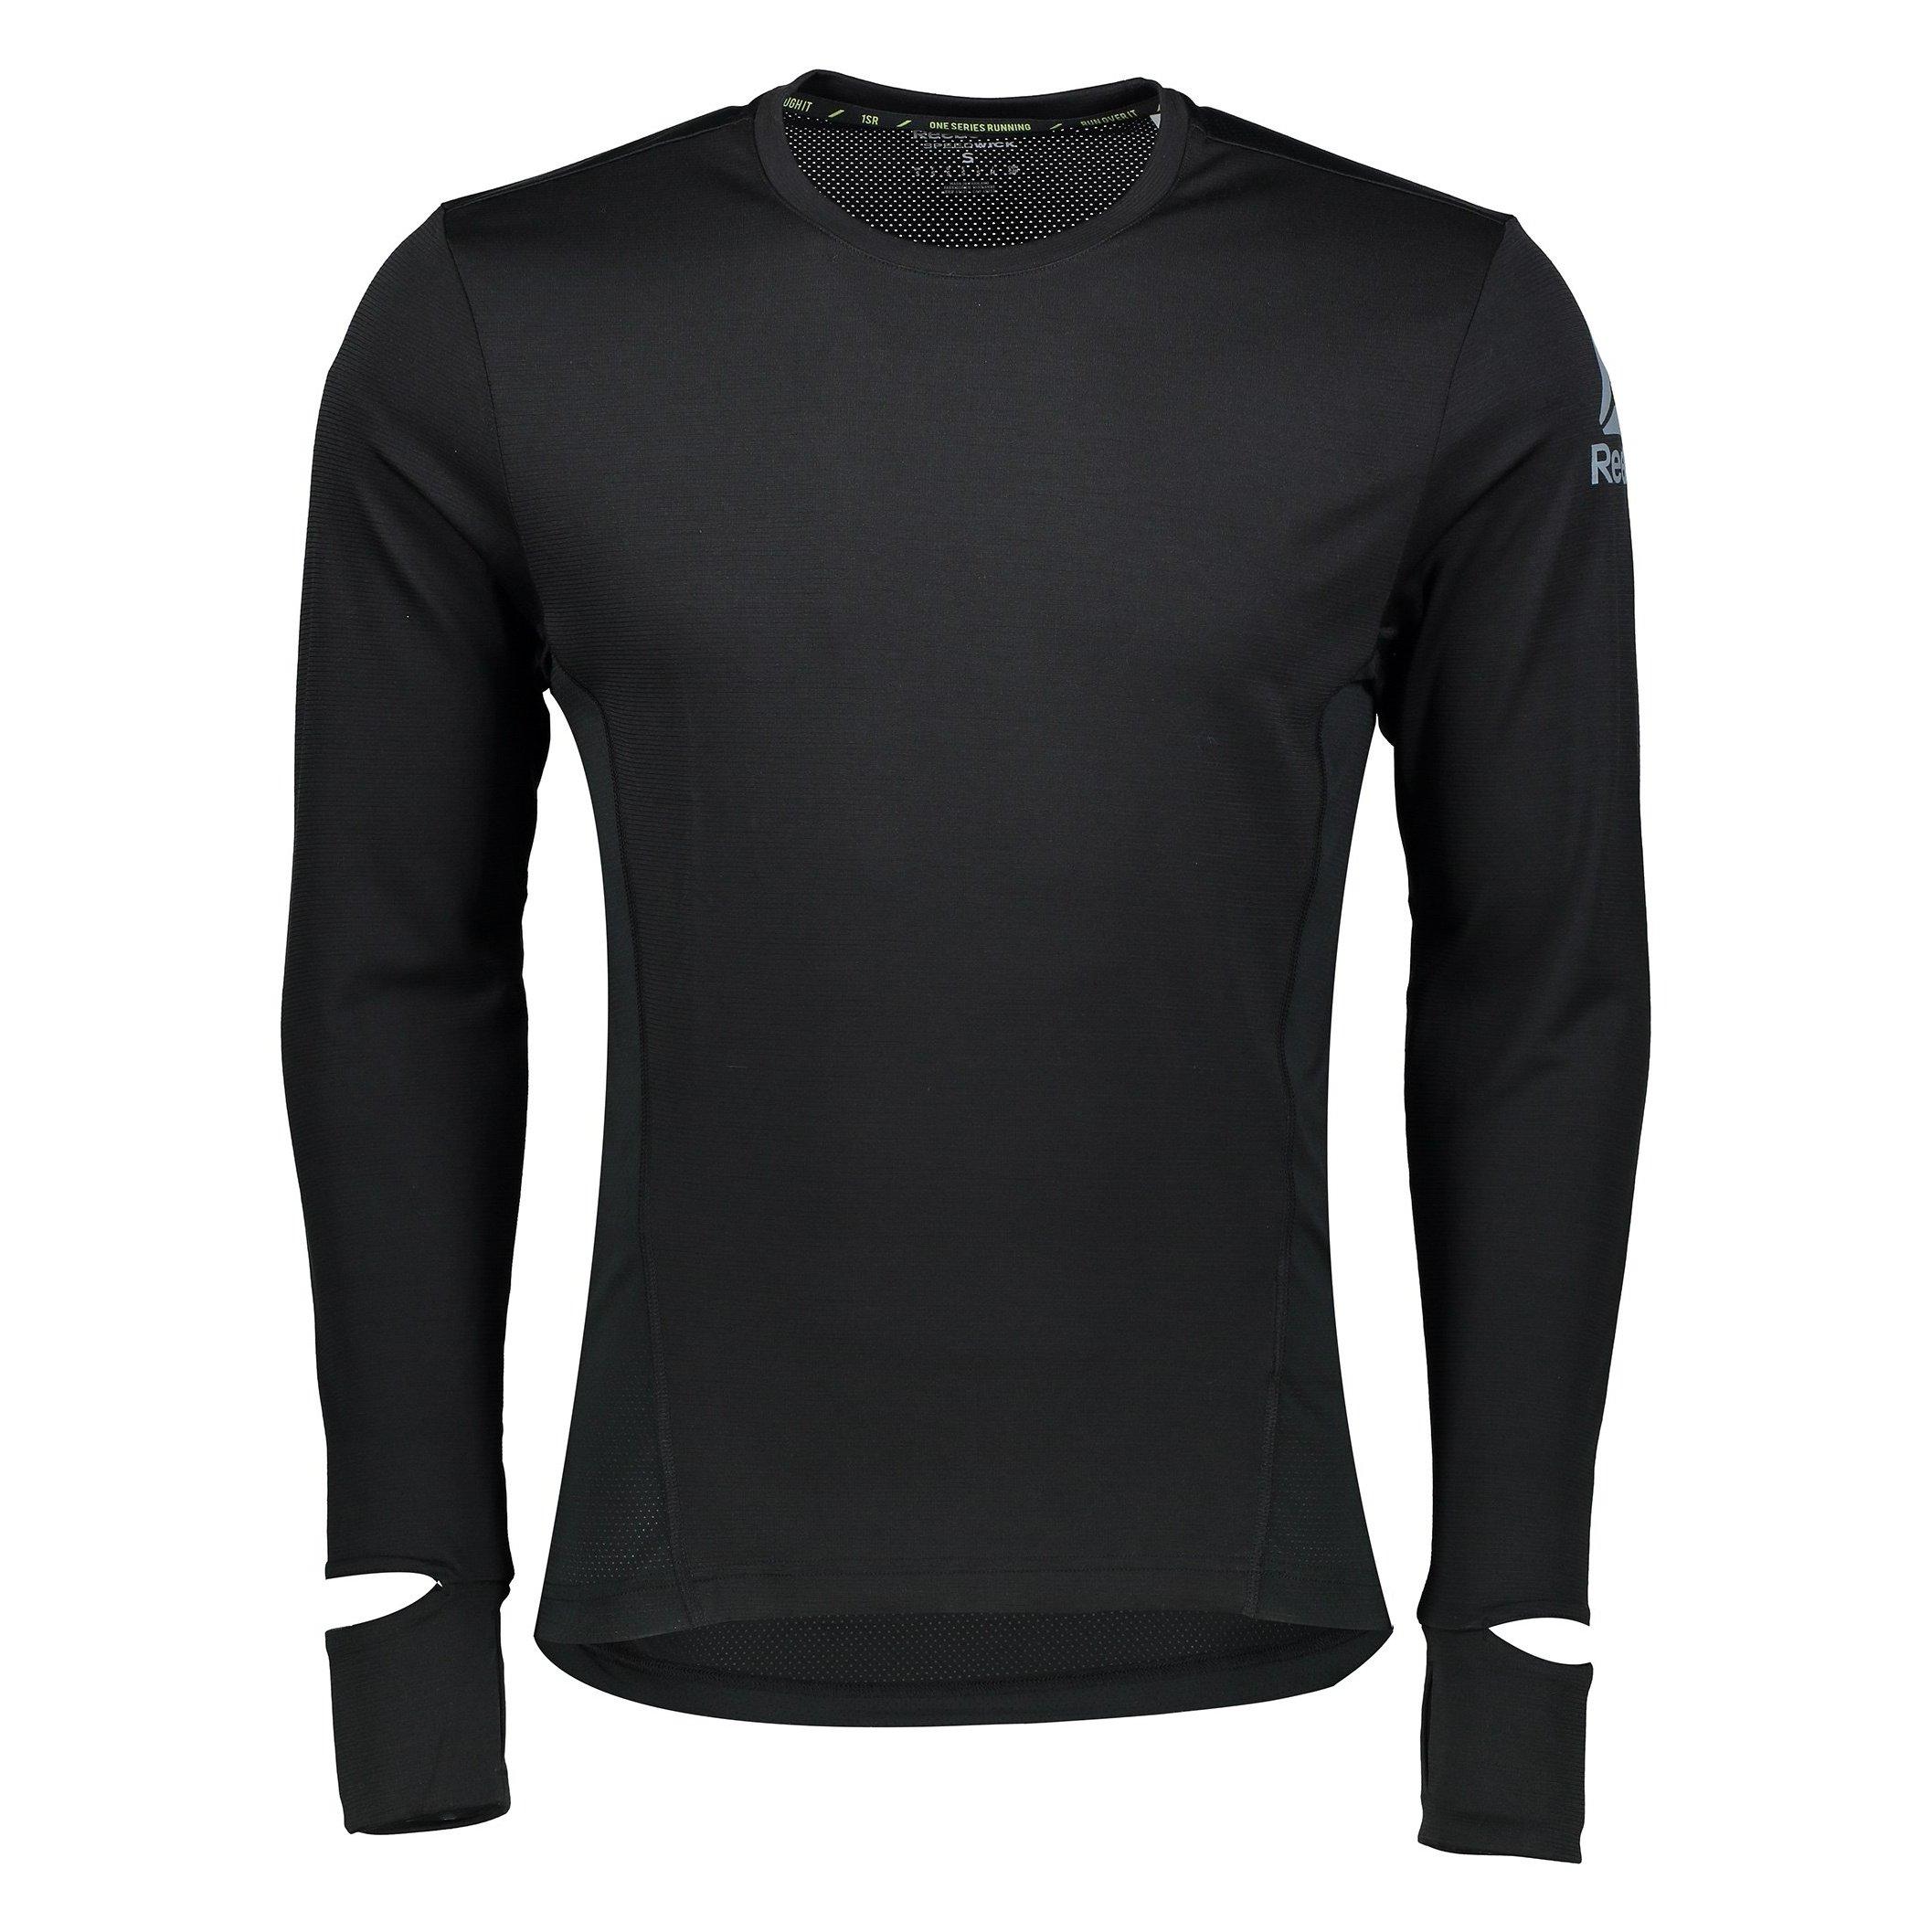 خرید تی شرت ورزشی آستین بلند مردانه